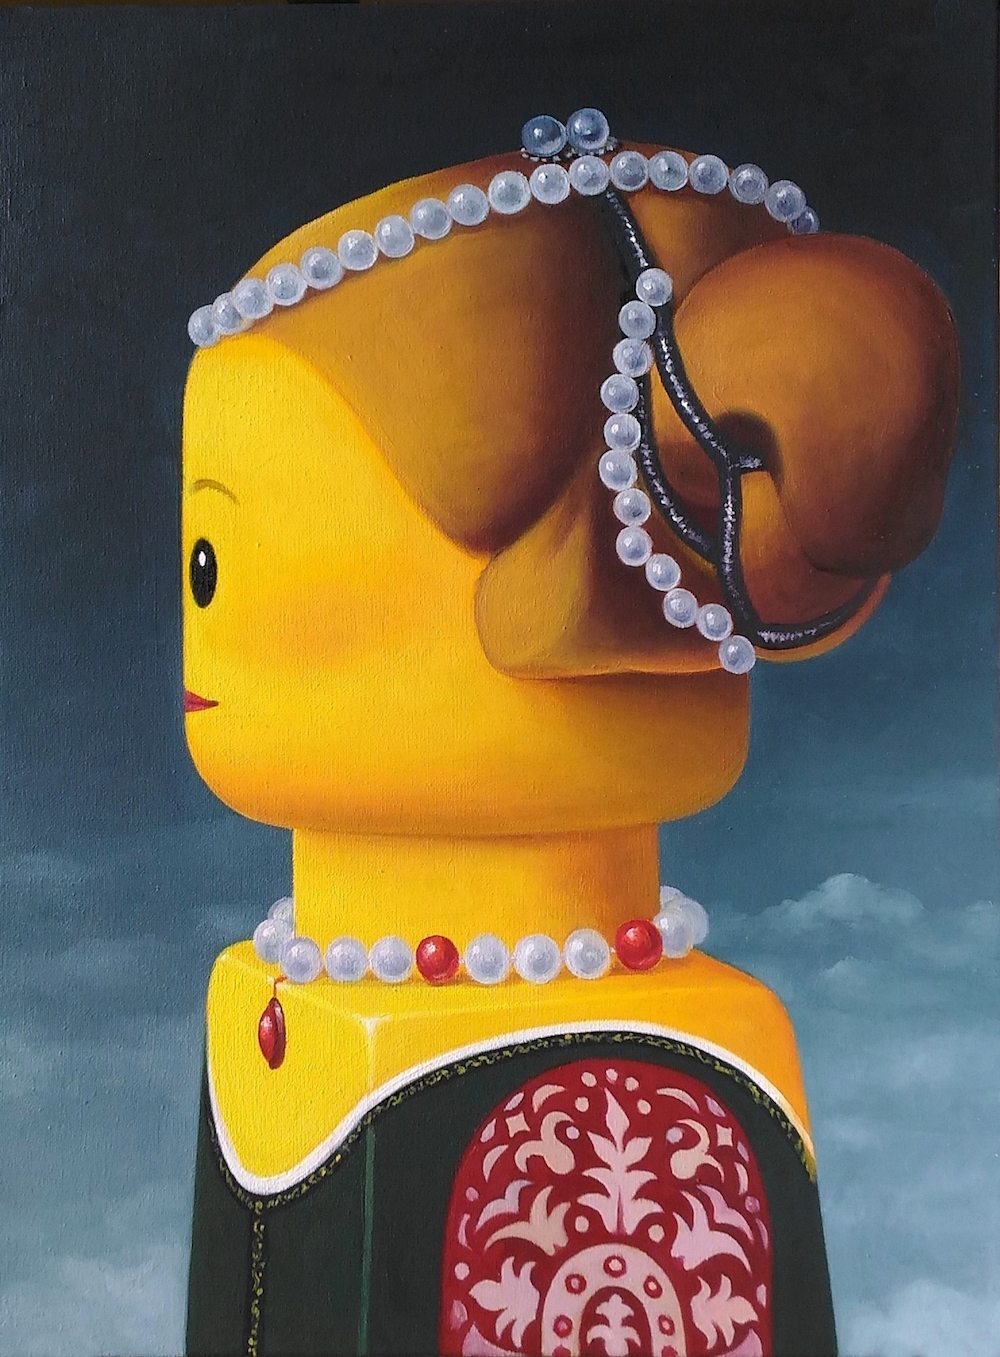 Stefano Bolcato lego classic art series